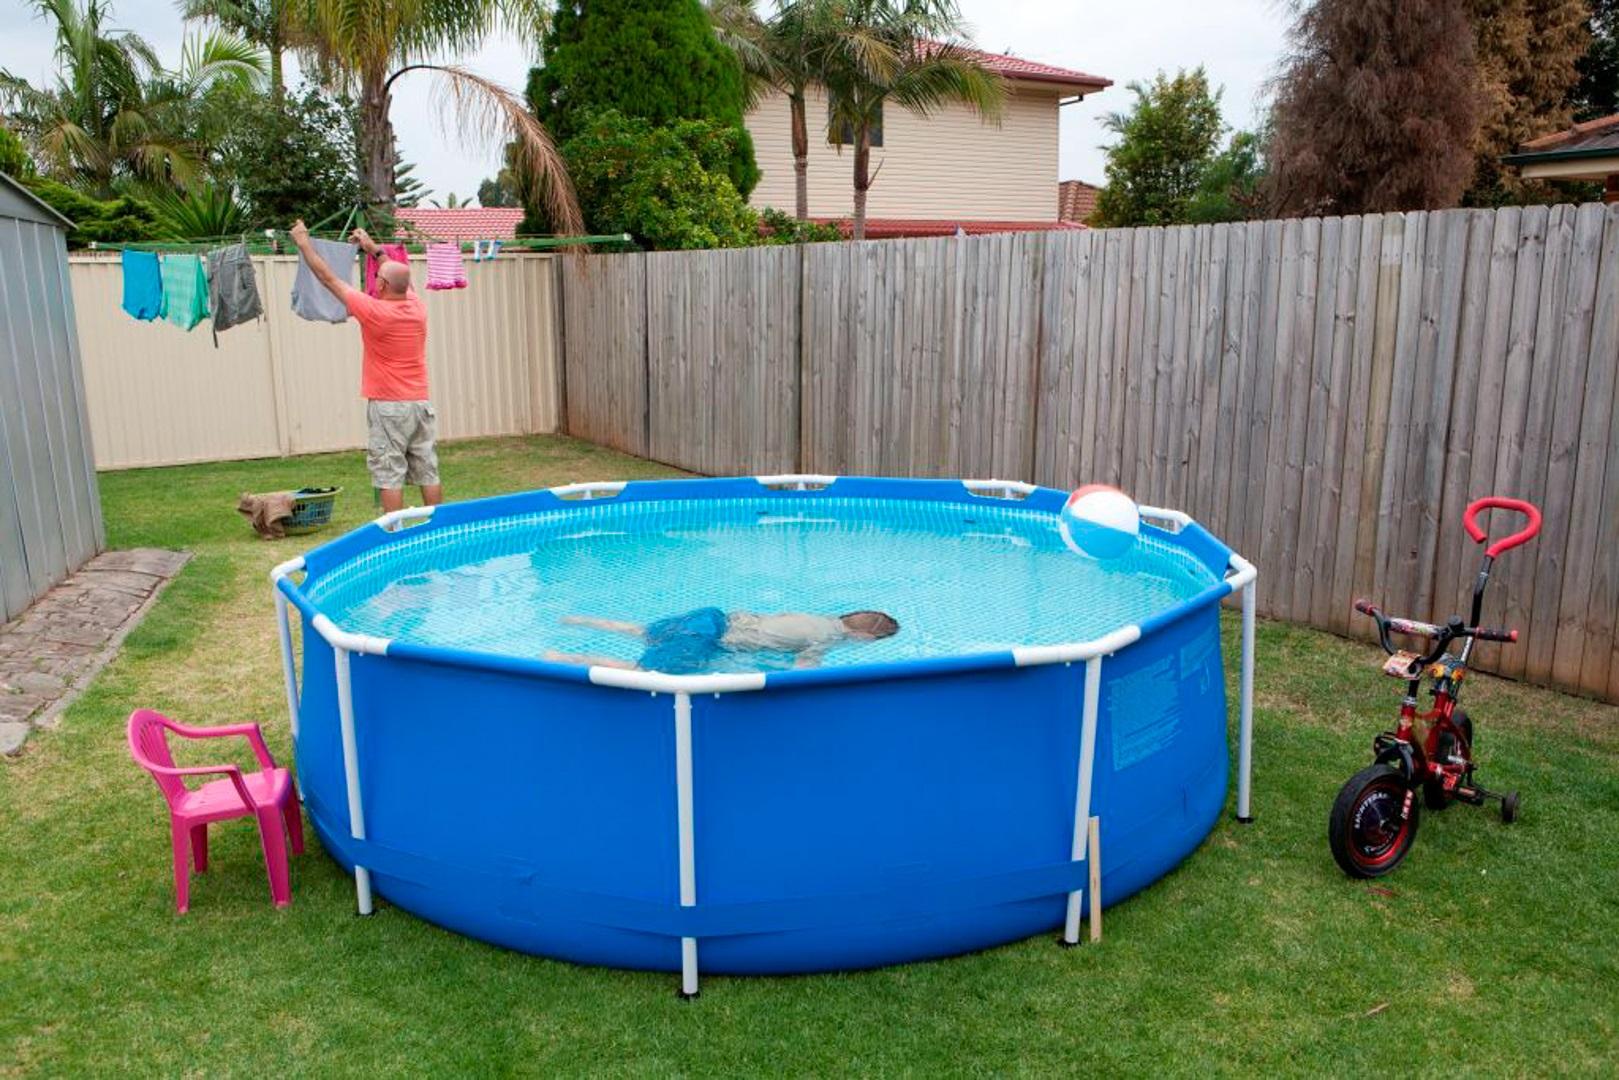 अगर आप घर में स्पेस की ज्यादा कमी है तो आप आर्टिफिशियल स्विमिंग पूल भी रख सकते हैं। इसे आप यूज करने के बाद आसानी से पैक करके एके कोने में रख सकते हैं।